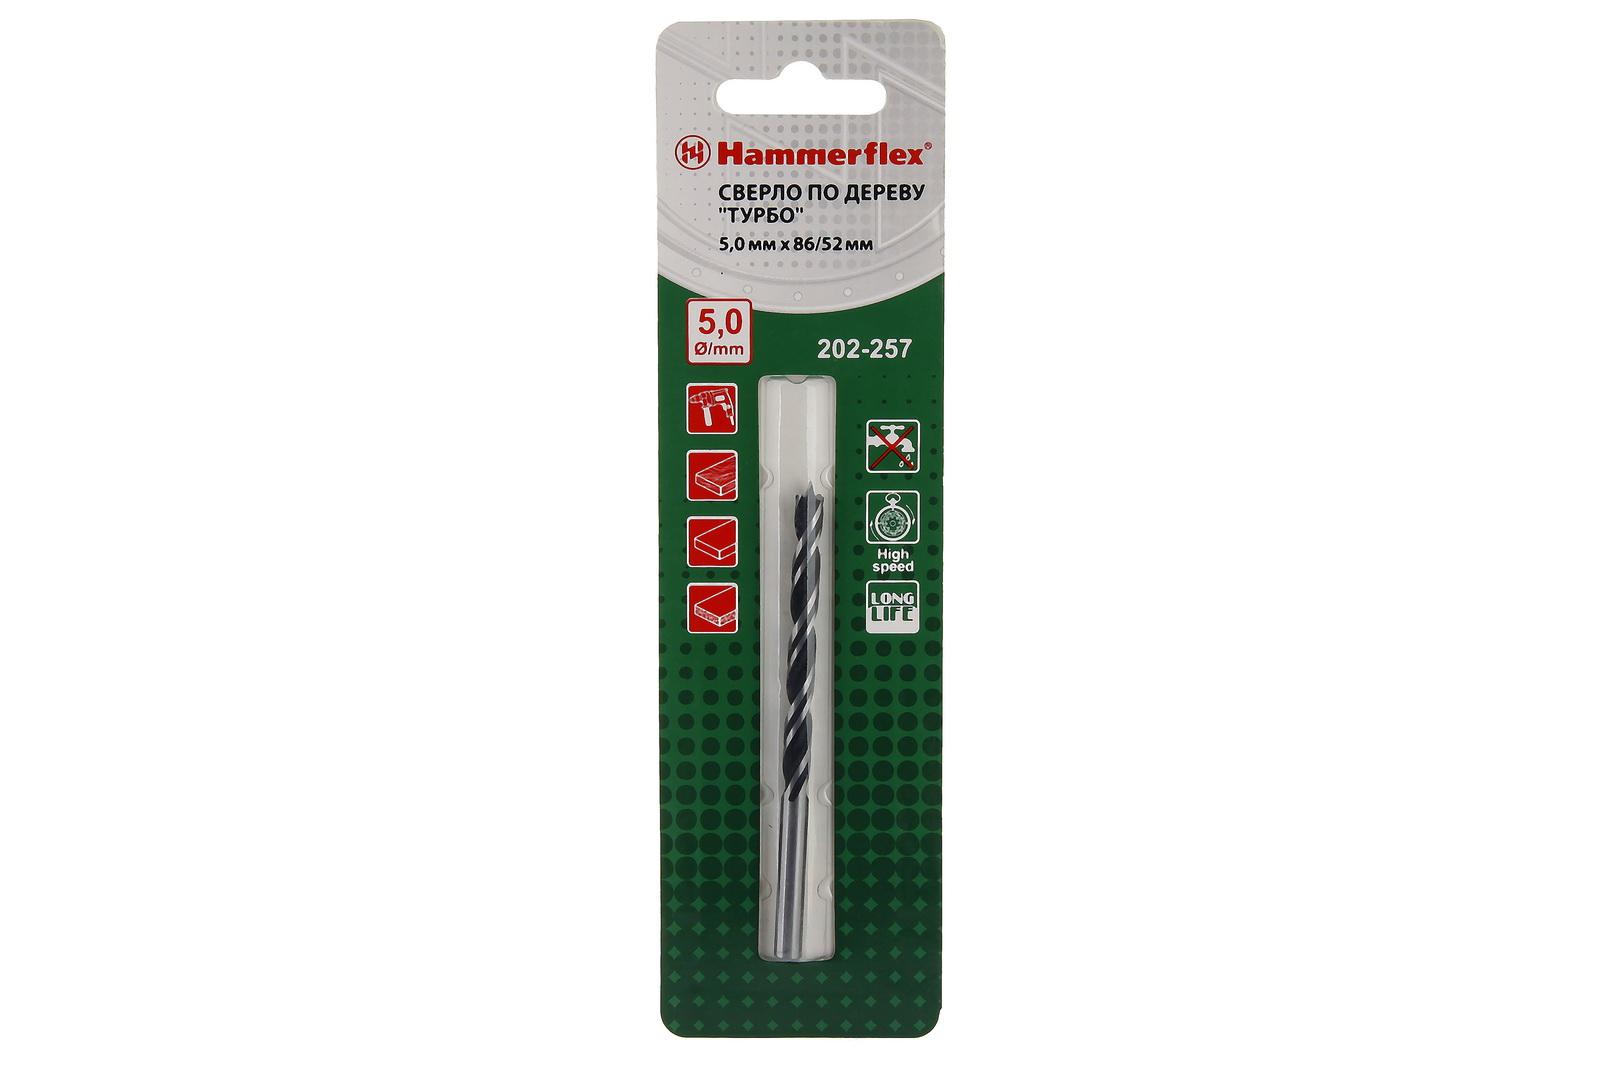 Сверло по дереву Hammer 202-257 dr wd dbl flute 5,0мм*86/52мм